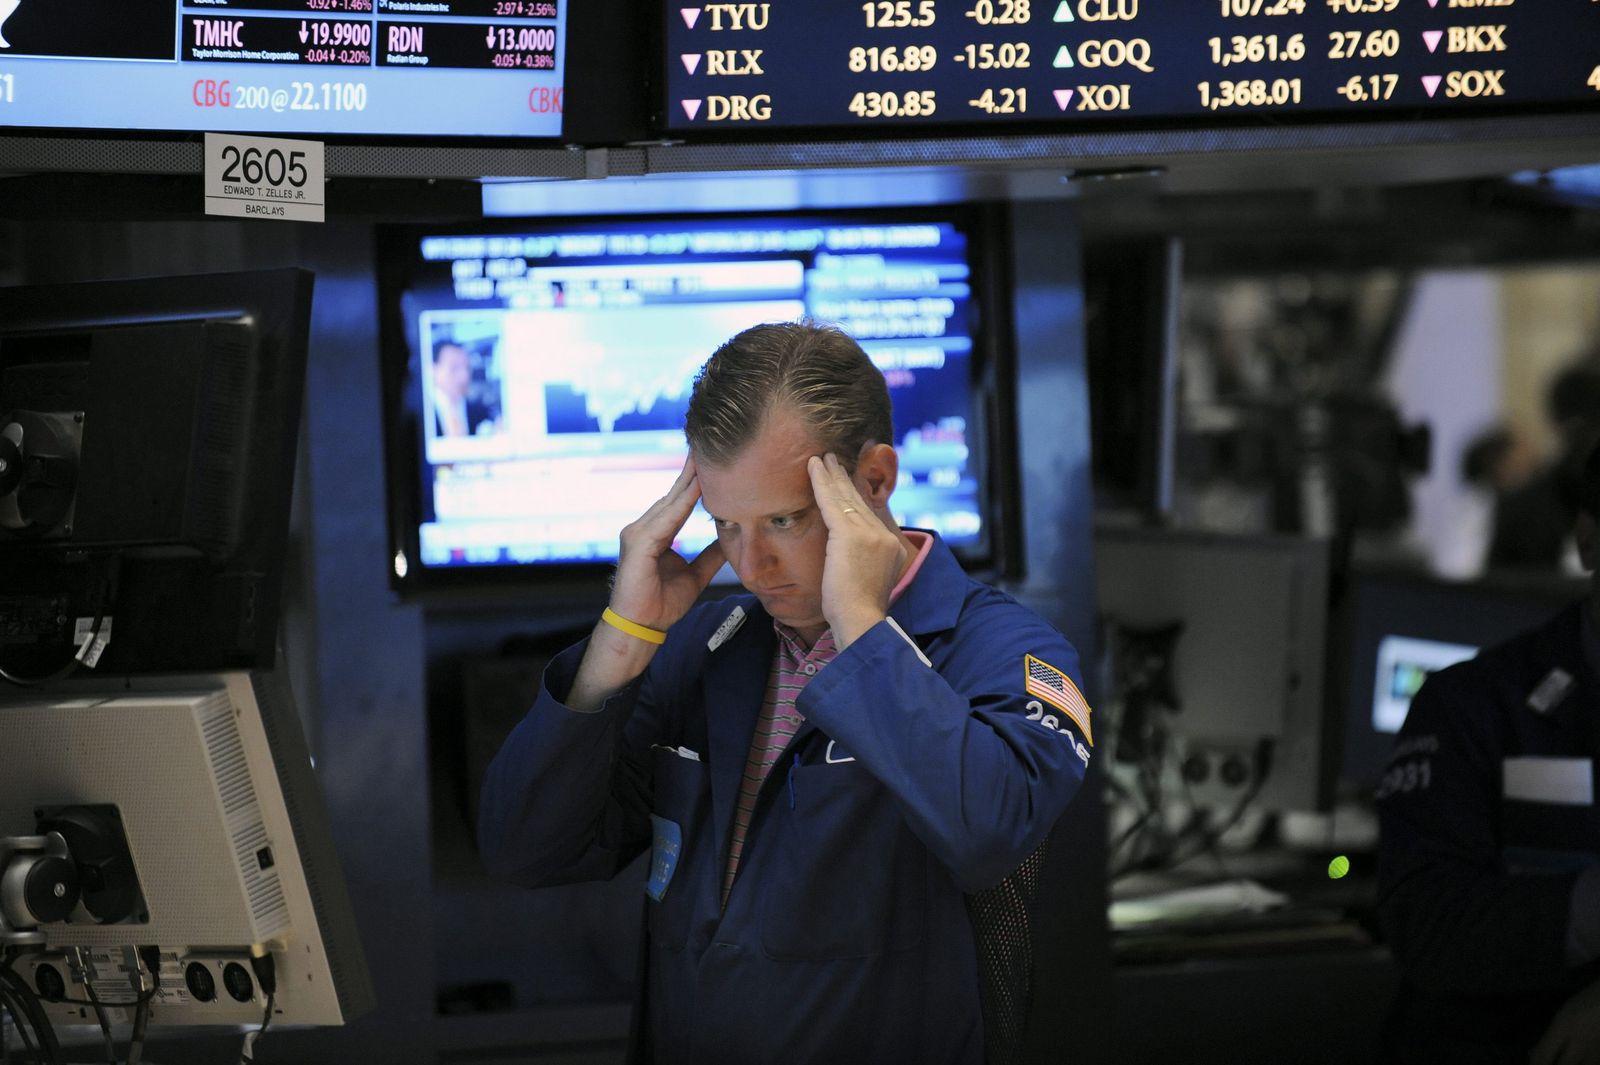 Börse / New York